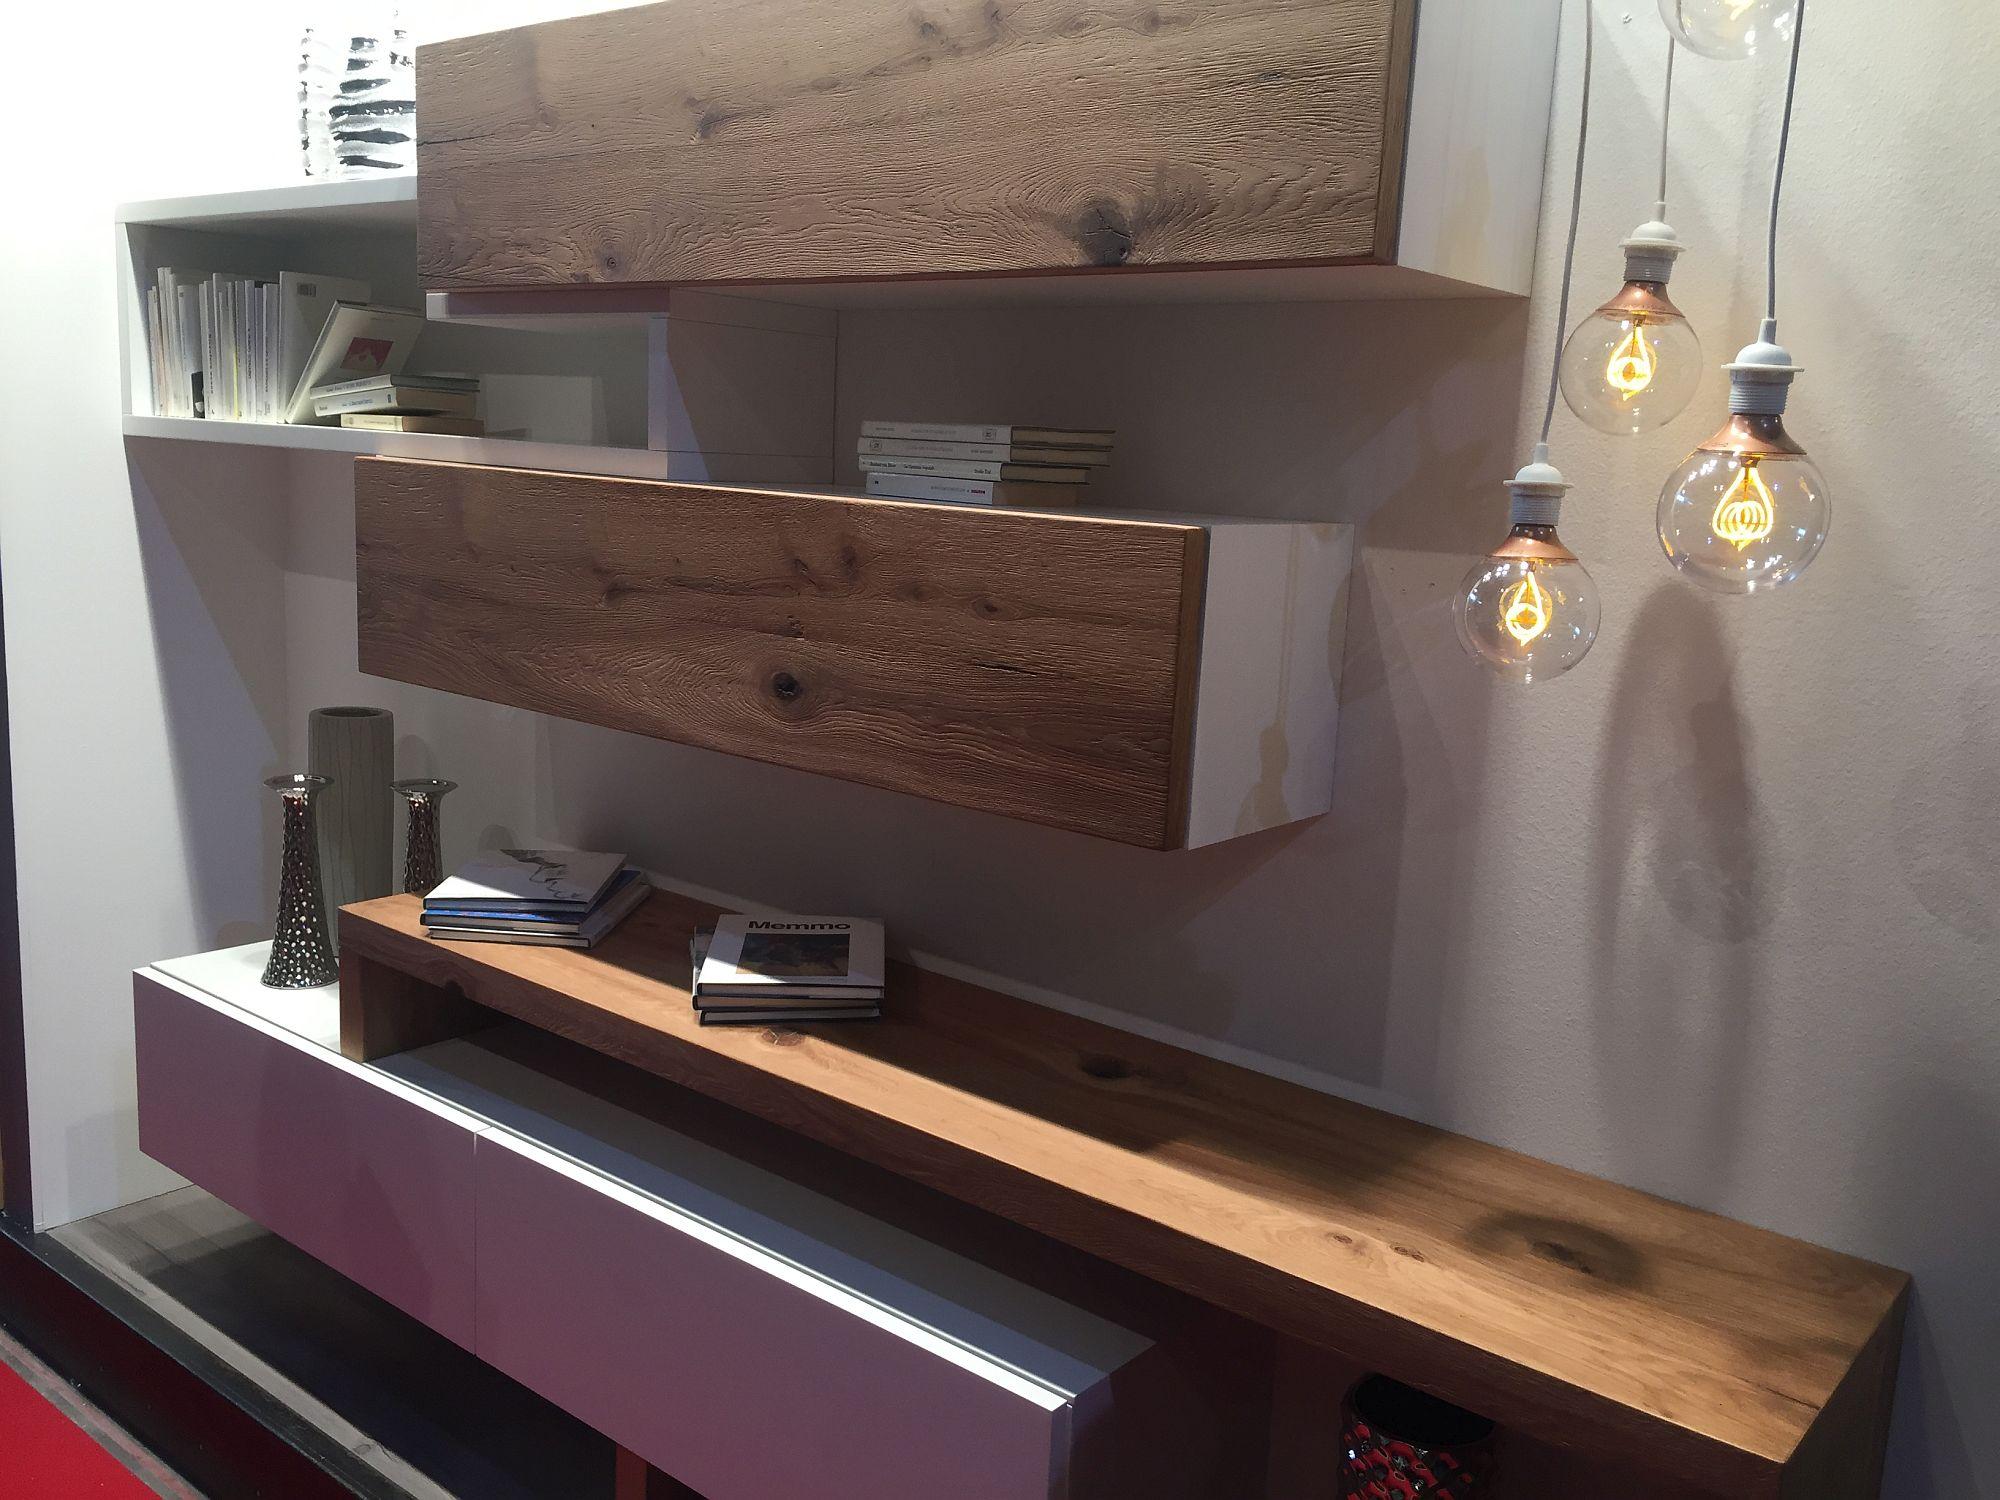 Rak kayu yang dilekatkan di dinding ruang tamu dengan gaya kontemporari